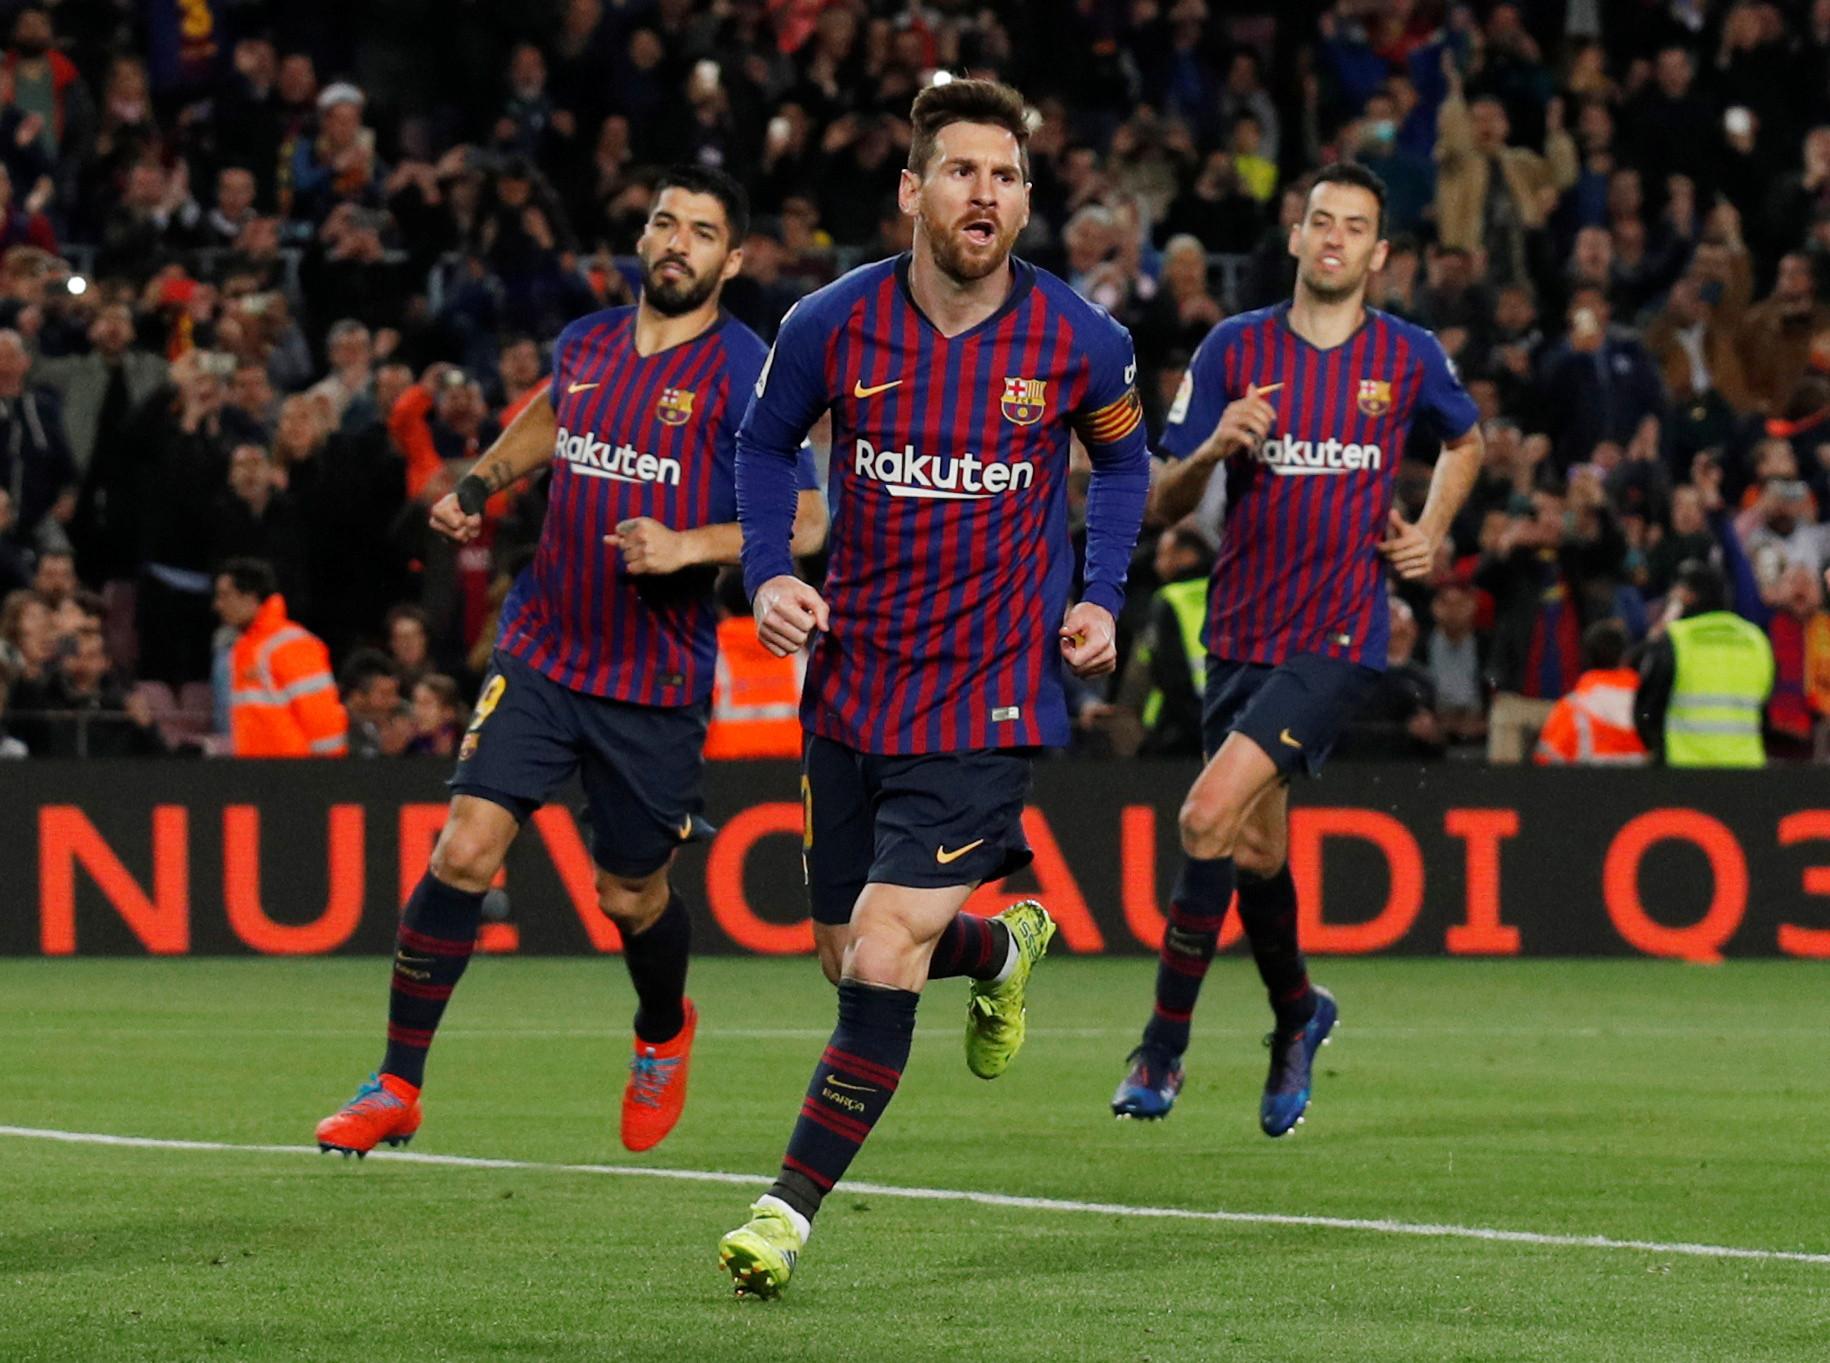 Em dia histórico, Messi marca e assiste na reviravolta do Barça